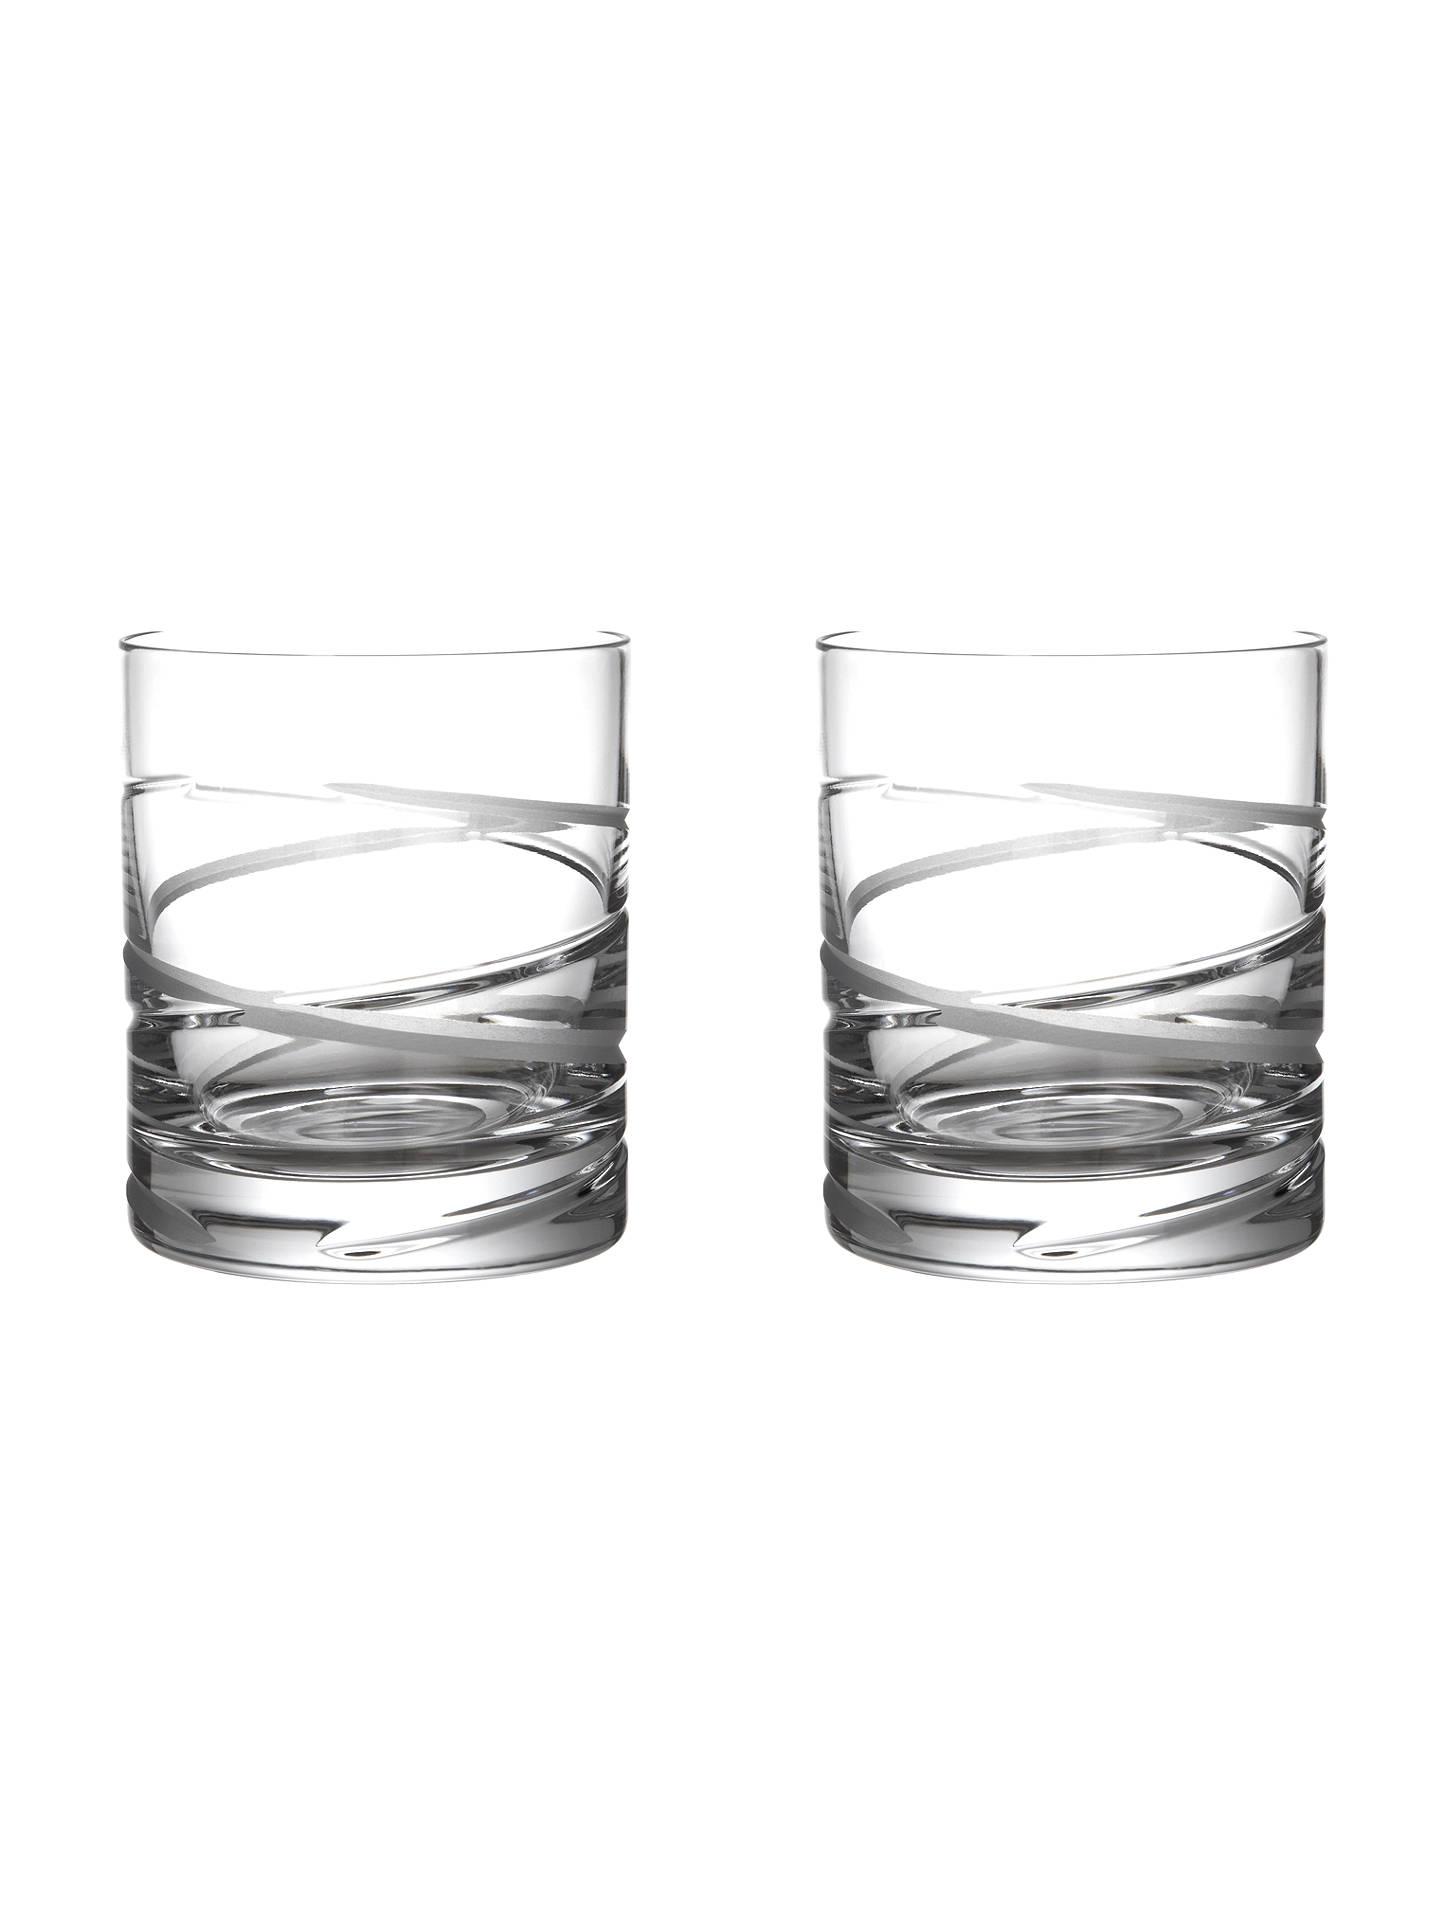 John Lewis Aurora Cut Lead Crystal Wine Glasses, Set of 2